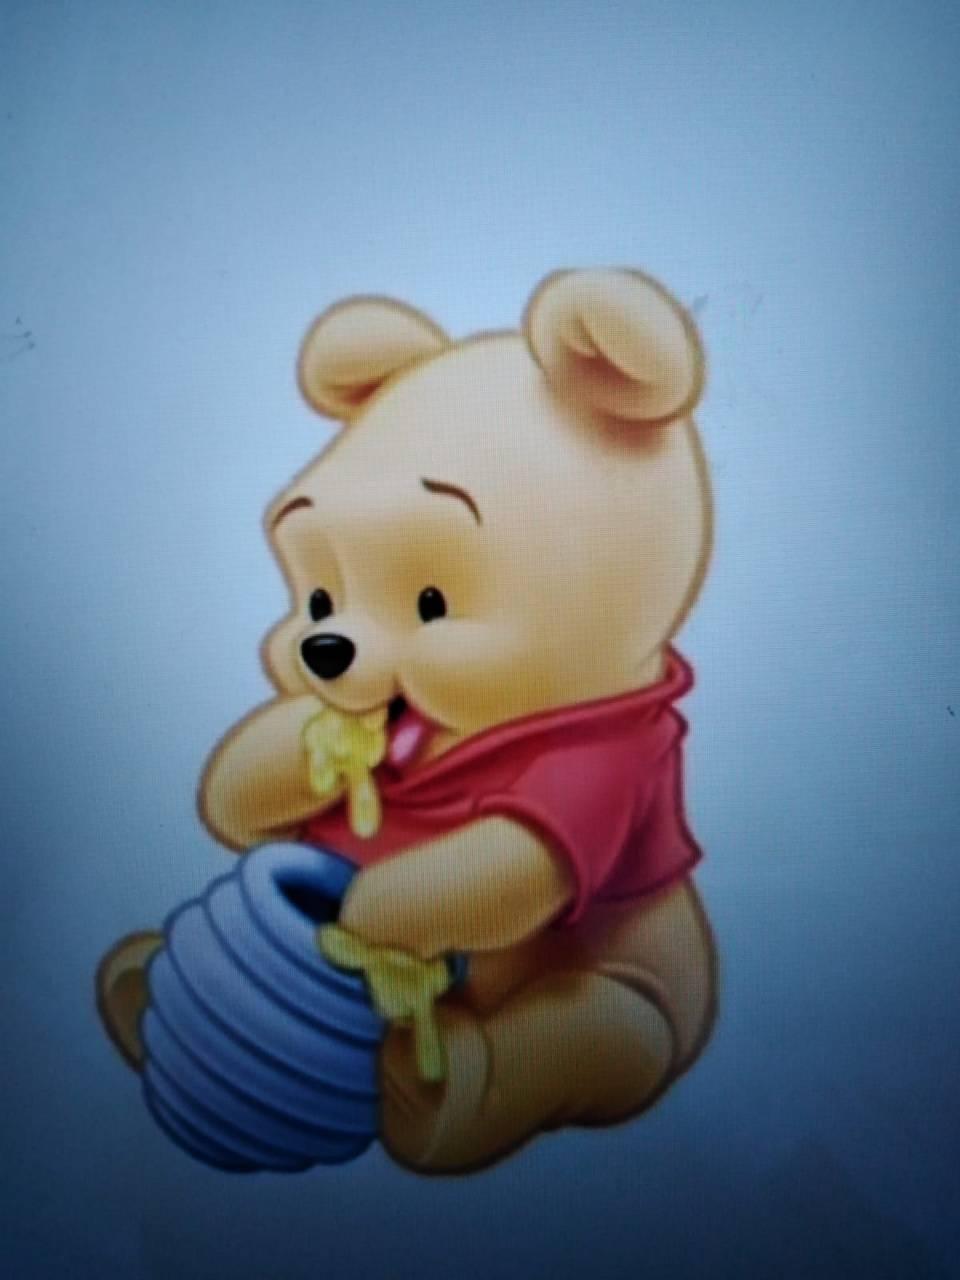 Winnie eat